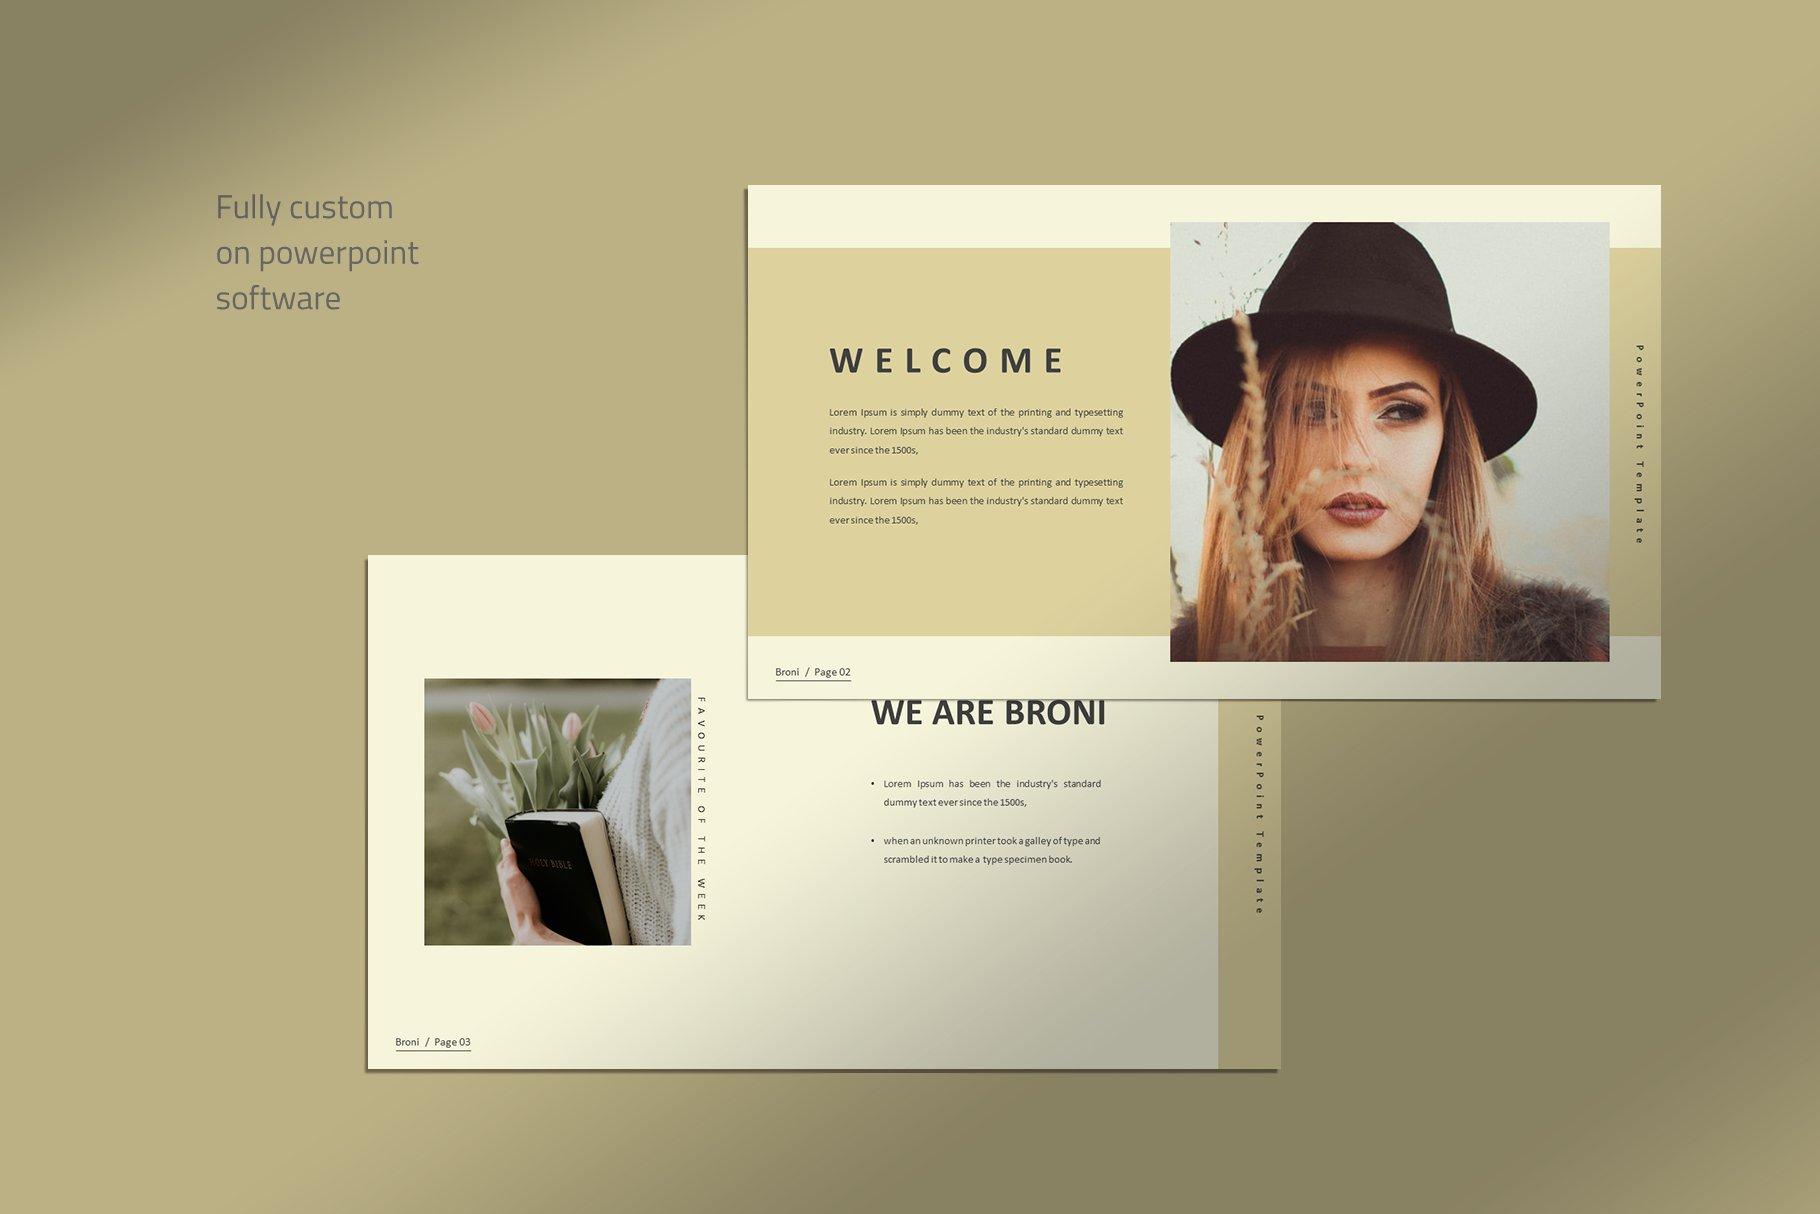 简洁服装摄影作品集图文排版设计PPT幻灯片模板 Broni – Minimalist Presentation插图(1)